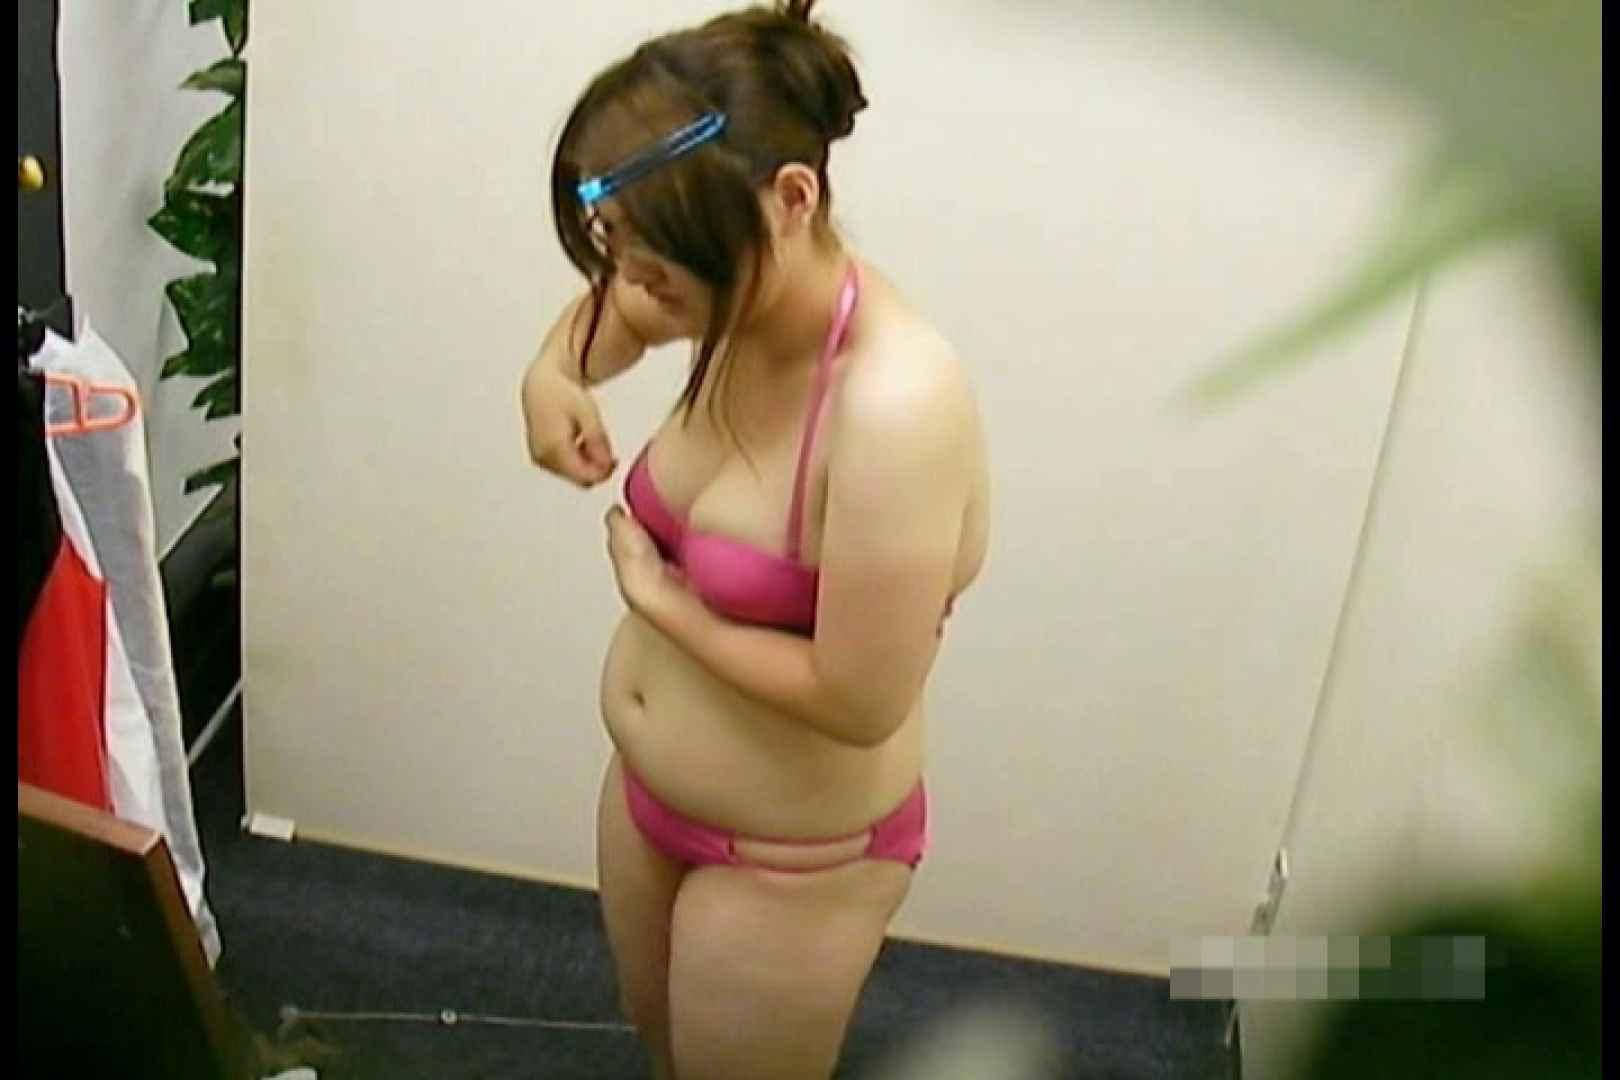 巨乳 乳首:素人撮影 下着だけの撮影のはずが・・・えりか18歳:大奥